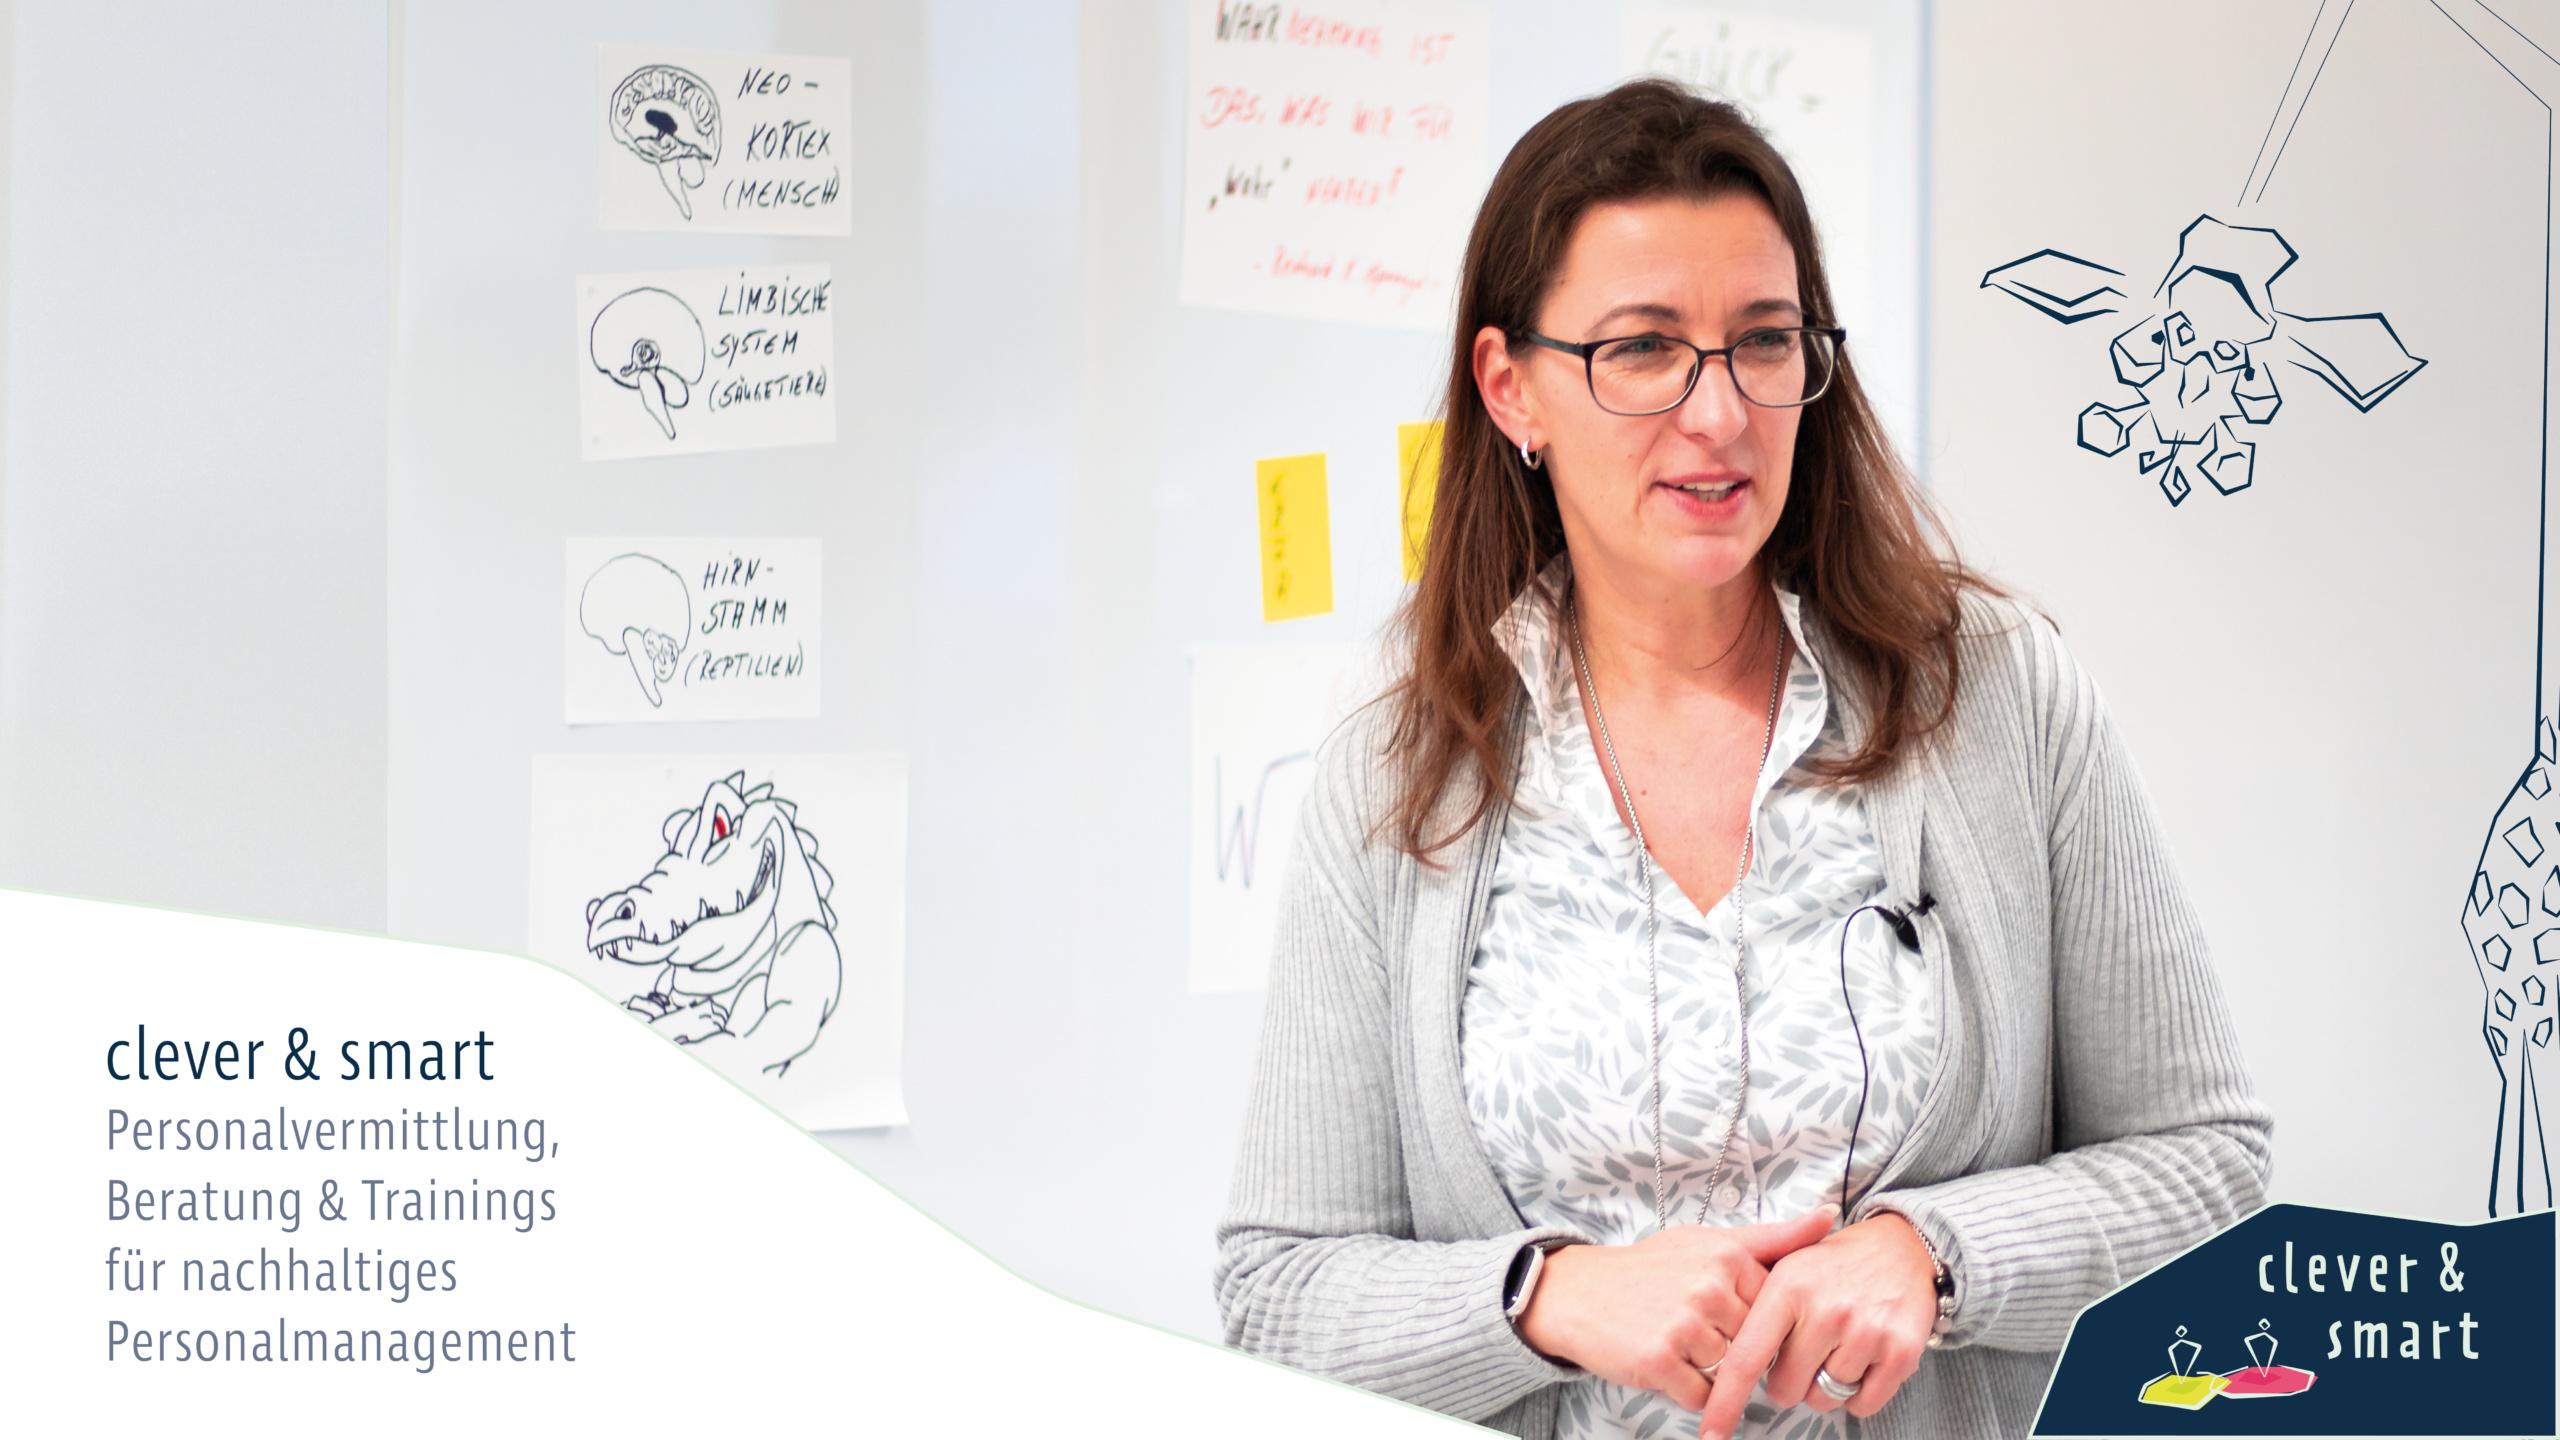 clever und smart - Bianca Daum Offenbach